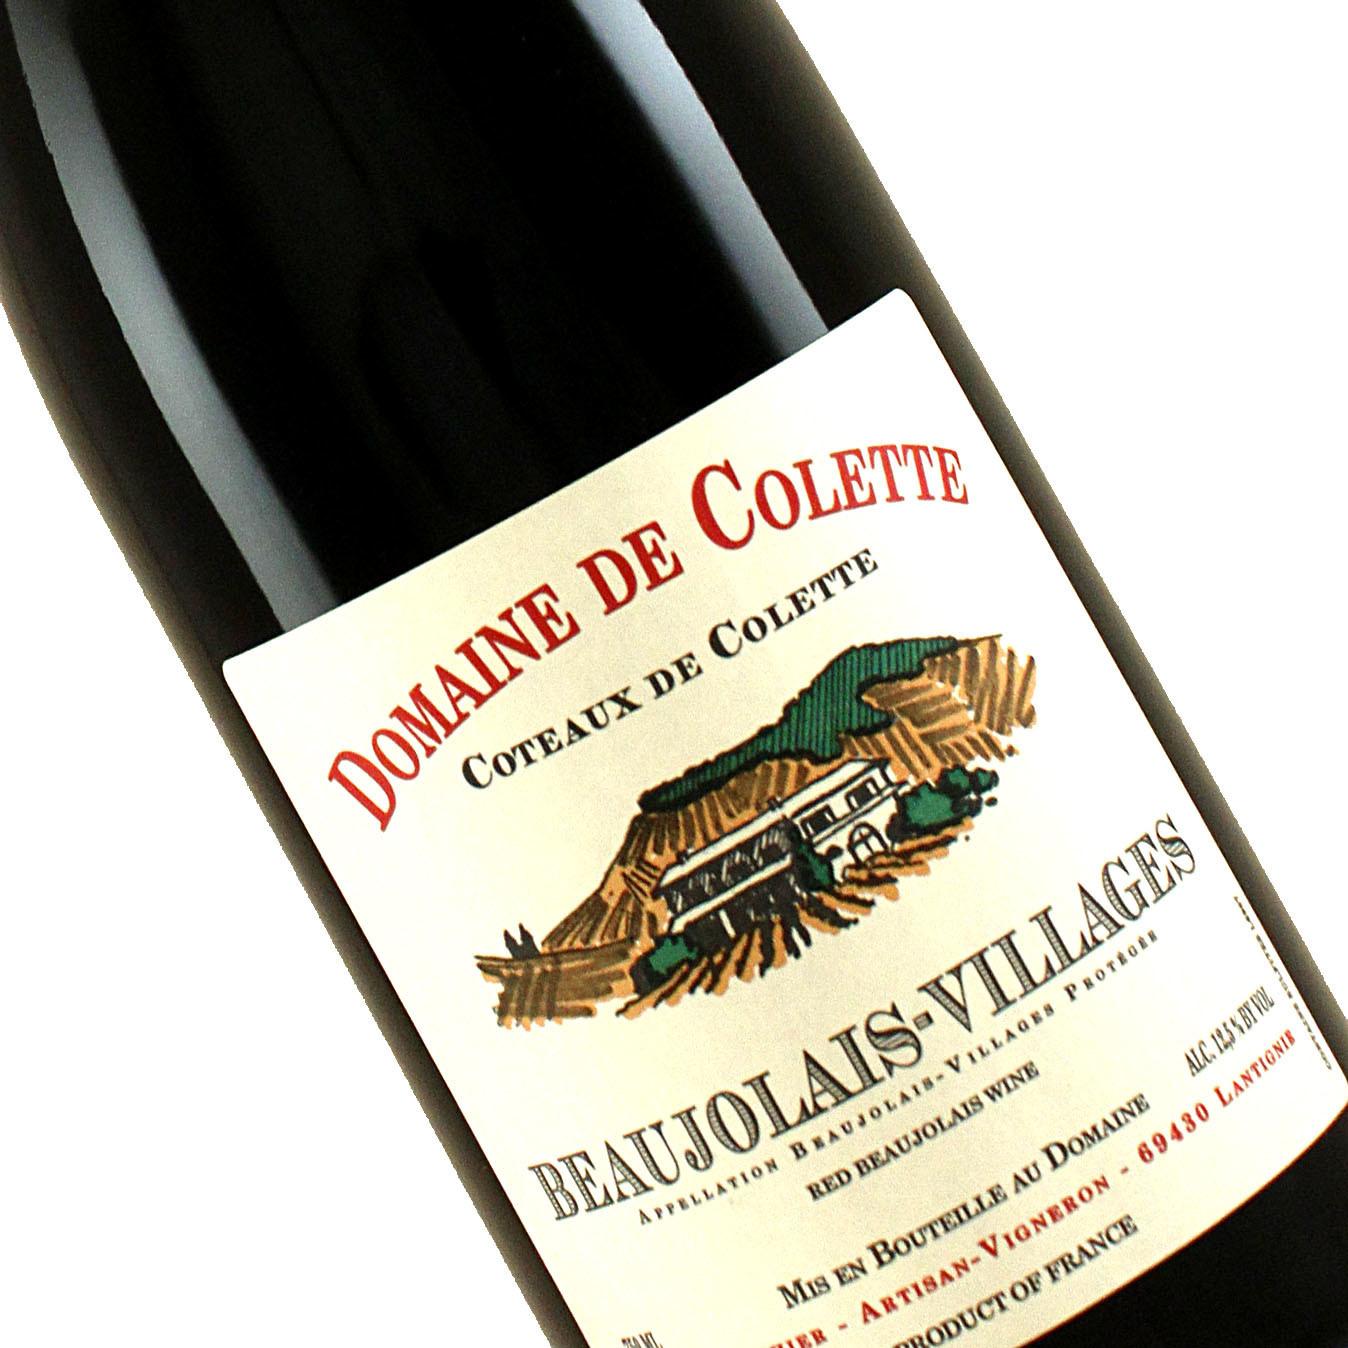 """Domaine de Colette 2018 Beaujolais-Villages """"Coteaux de Colette"""" NOVEMBER WINE OF THE MONTH!"""